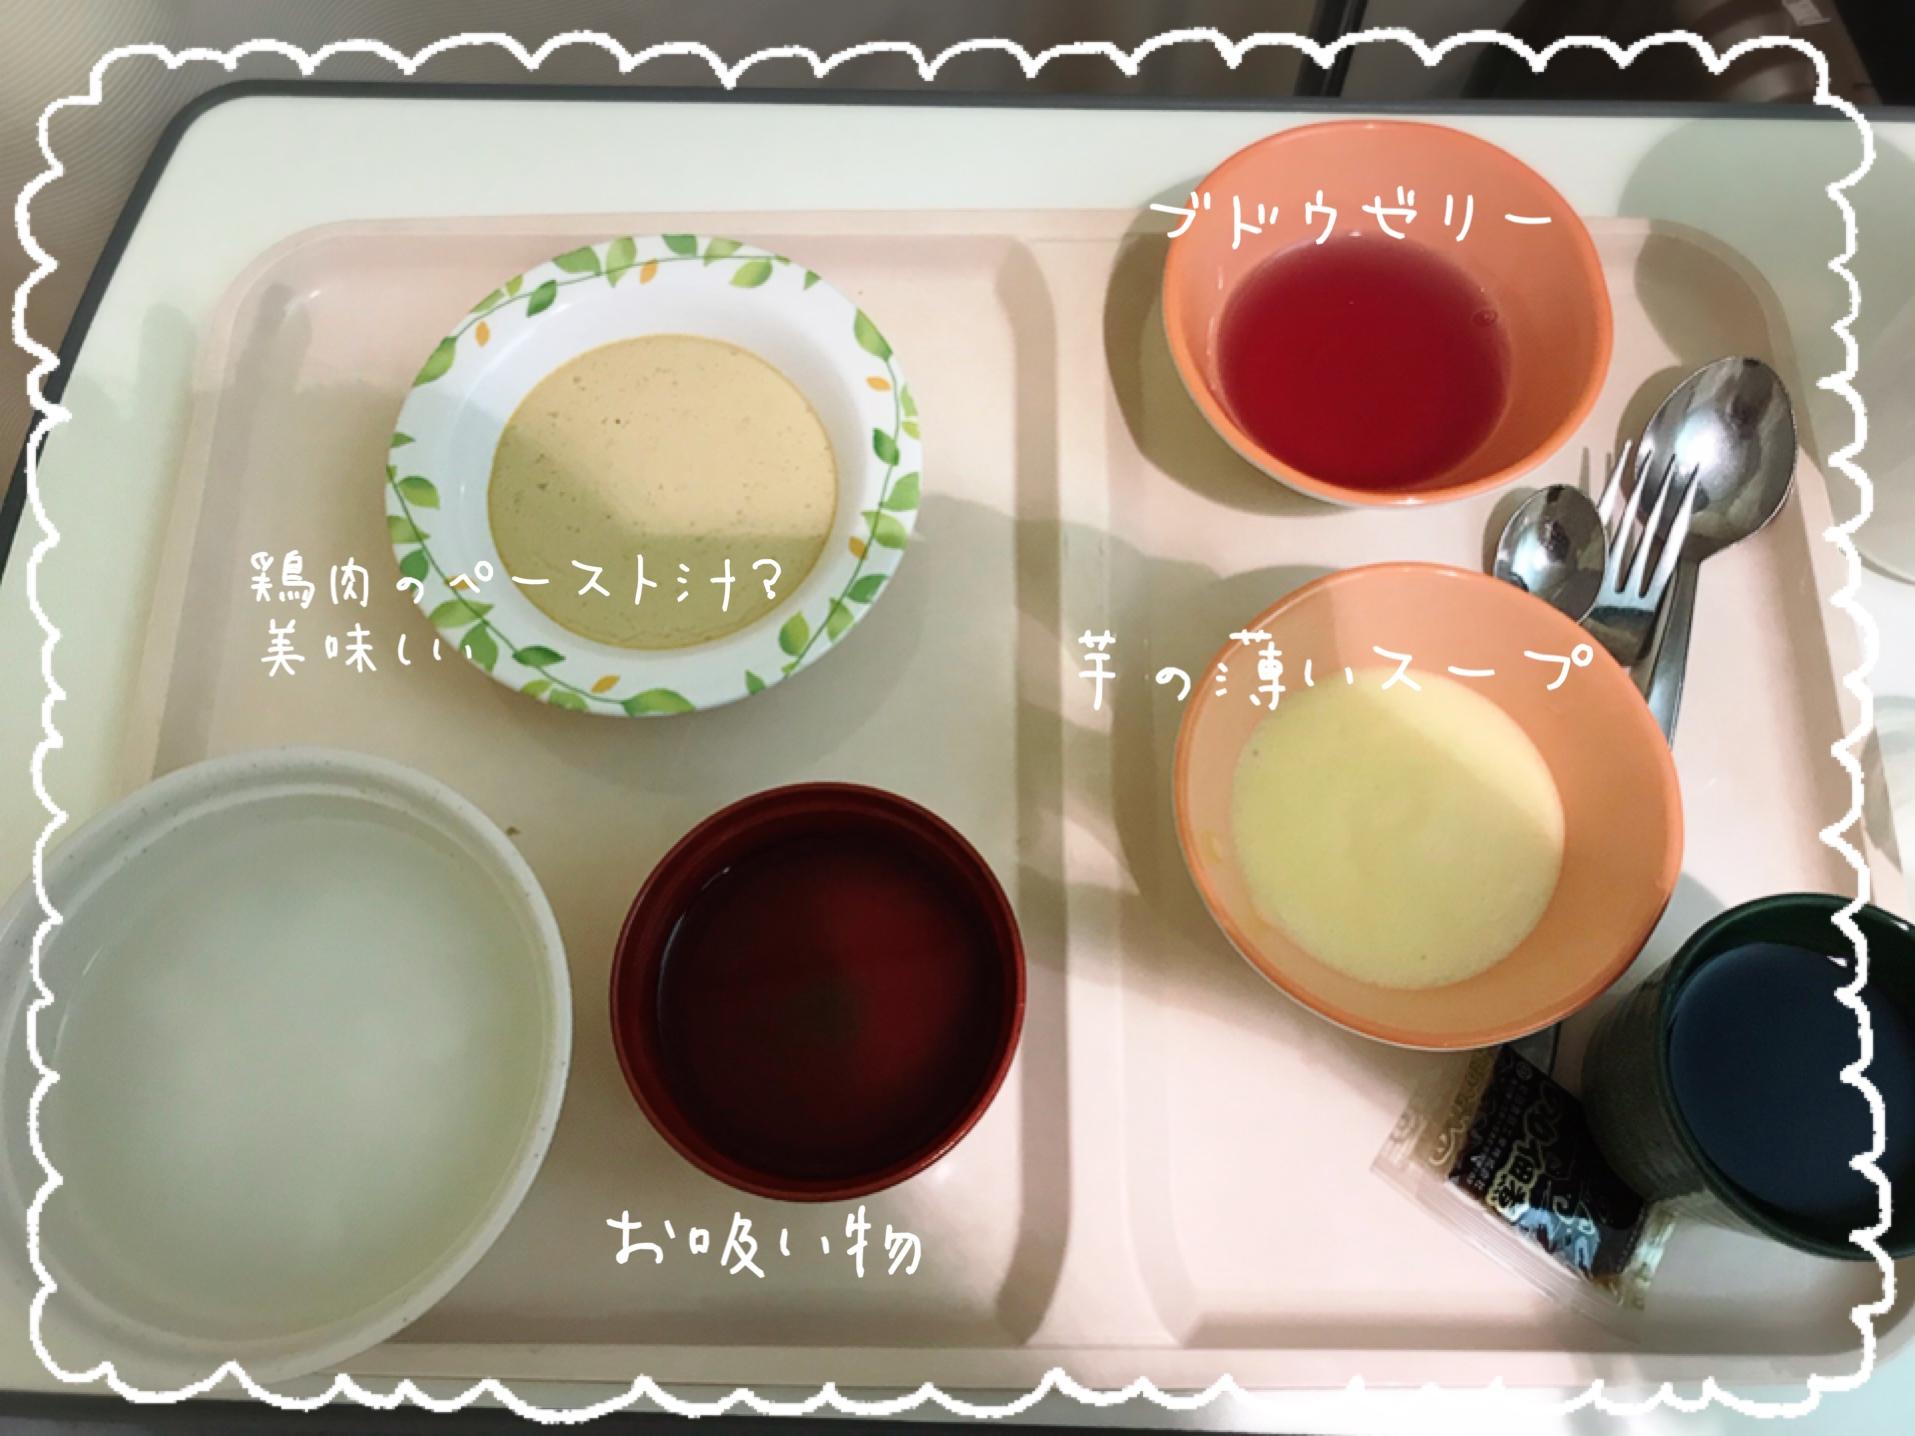 顎変形症手術後の食事